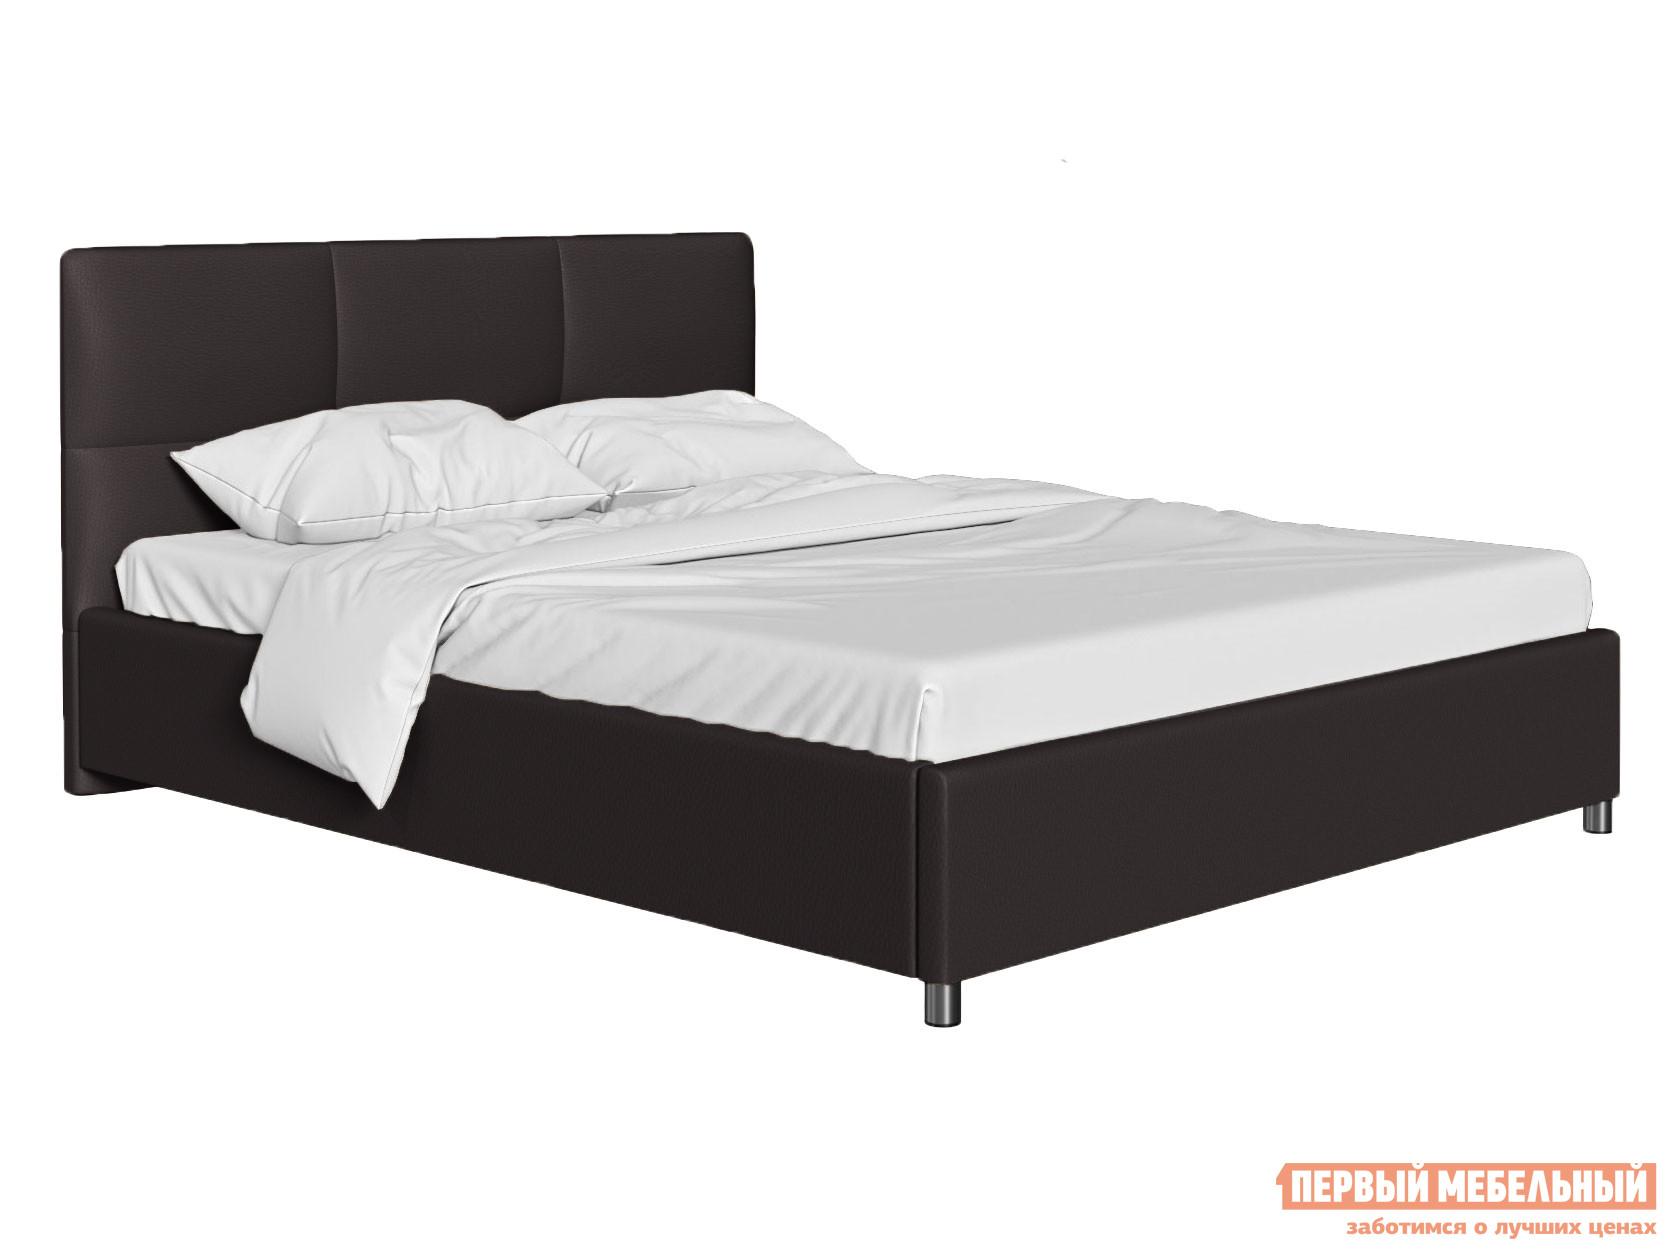 Двуспальная кровать  Кровать с мягким изголовьем Агата Коричневый, экокожа , 180х200 см